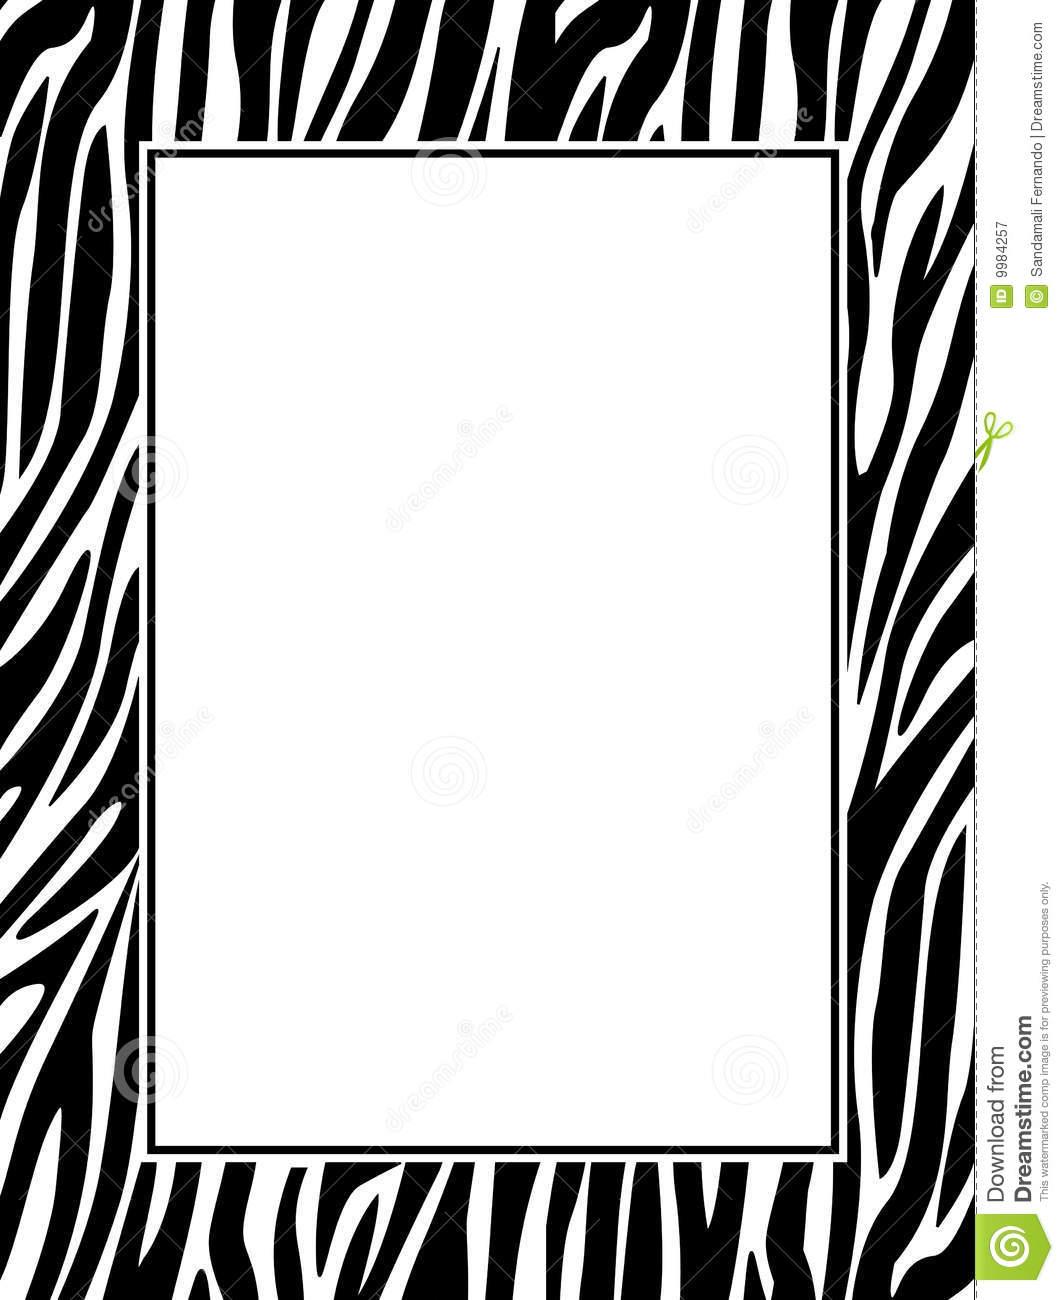 Zebra Border Clip Art & Look At Clip Art Images.